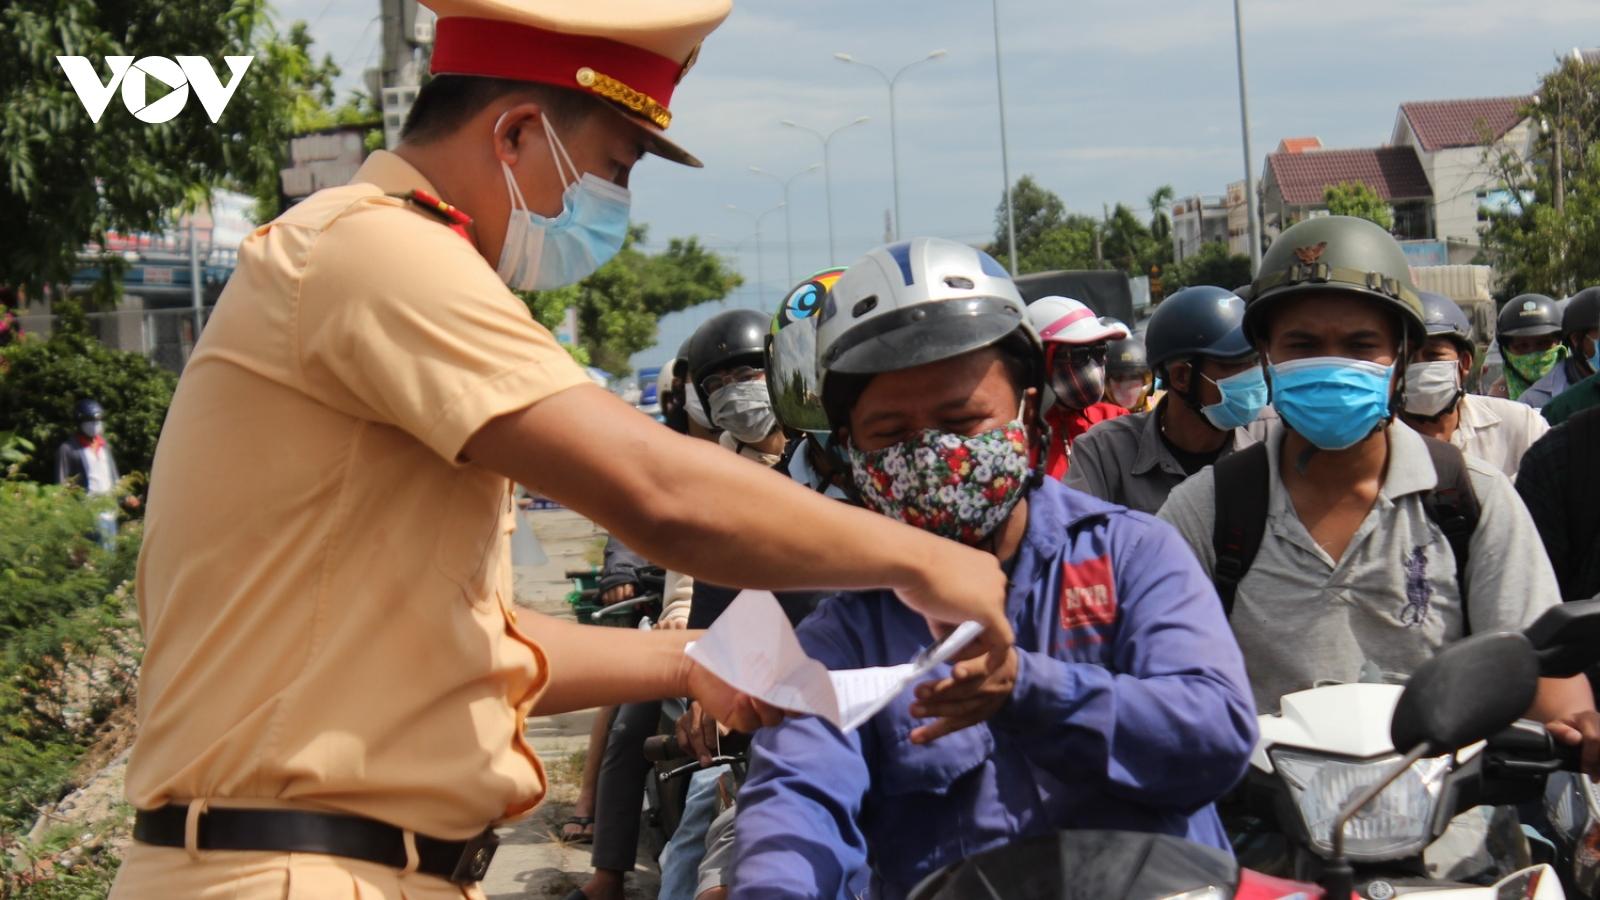 Dòng người chôn chân trên đường chờ qua chốt giáp ranh Đà Nẵng - Quảng Nam